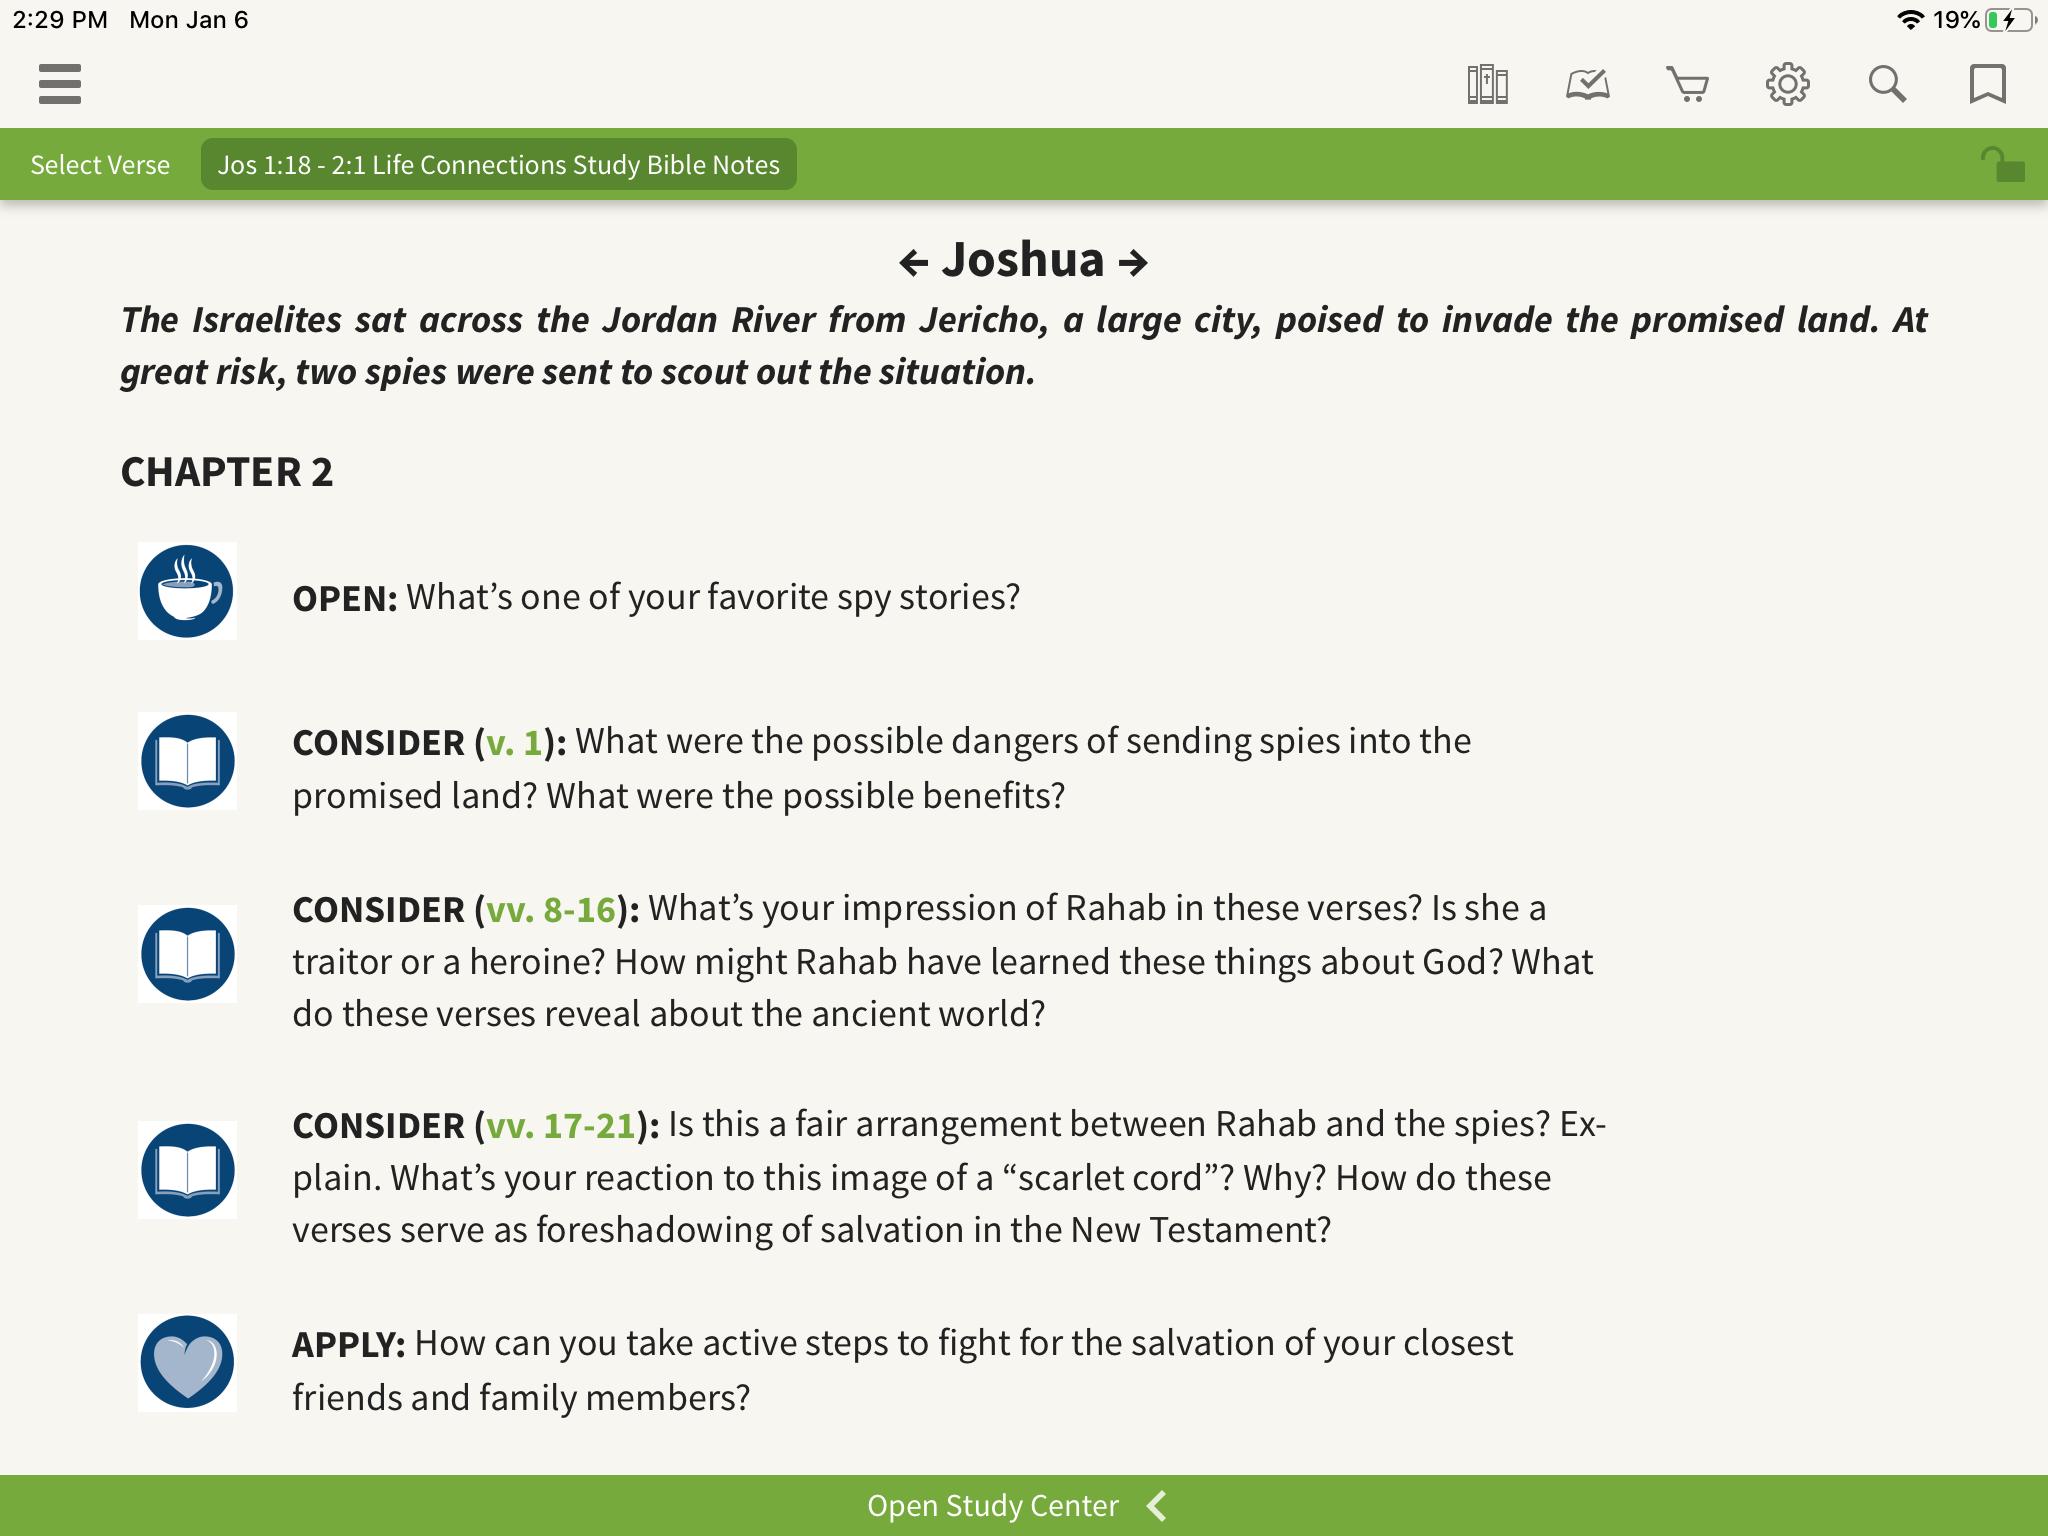 Joshua questions